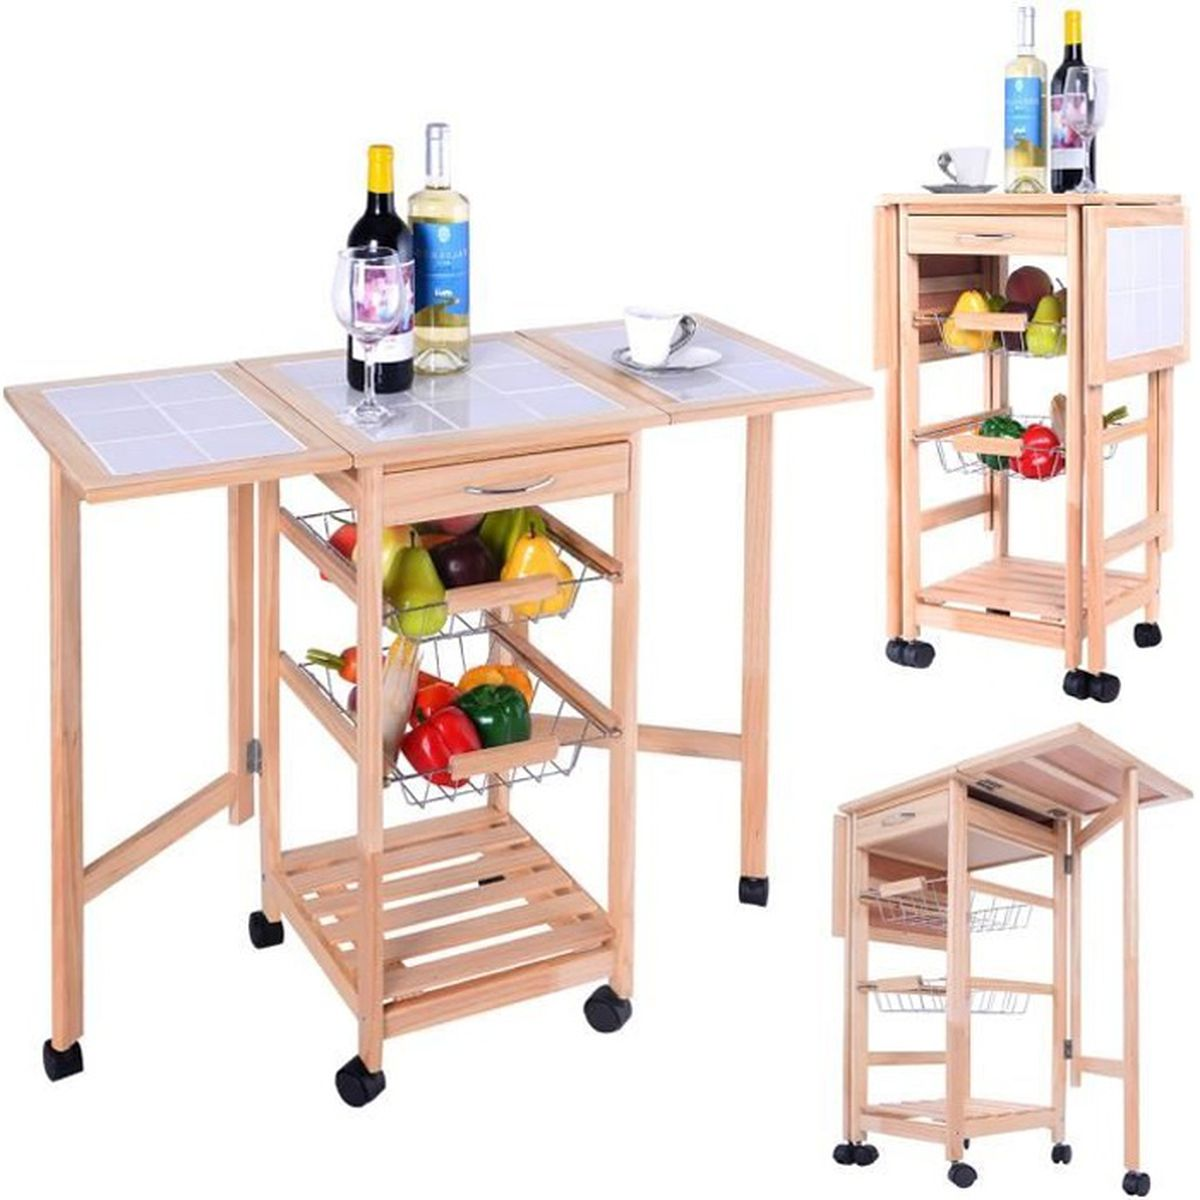 chariot de cuisine bois desserte de cuisine roulettes meuble de rangement achat vente. Black Bedroom Furniture Sets. Home Design Ideas